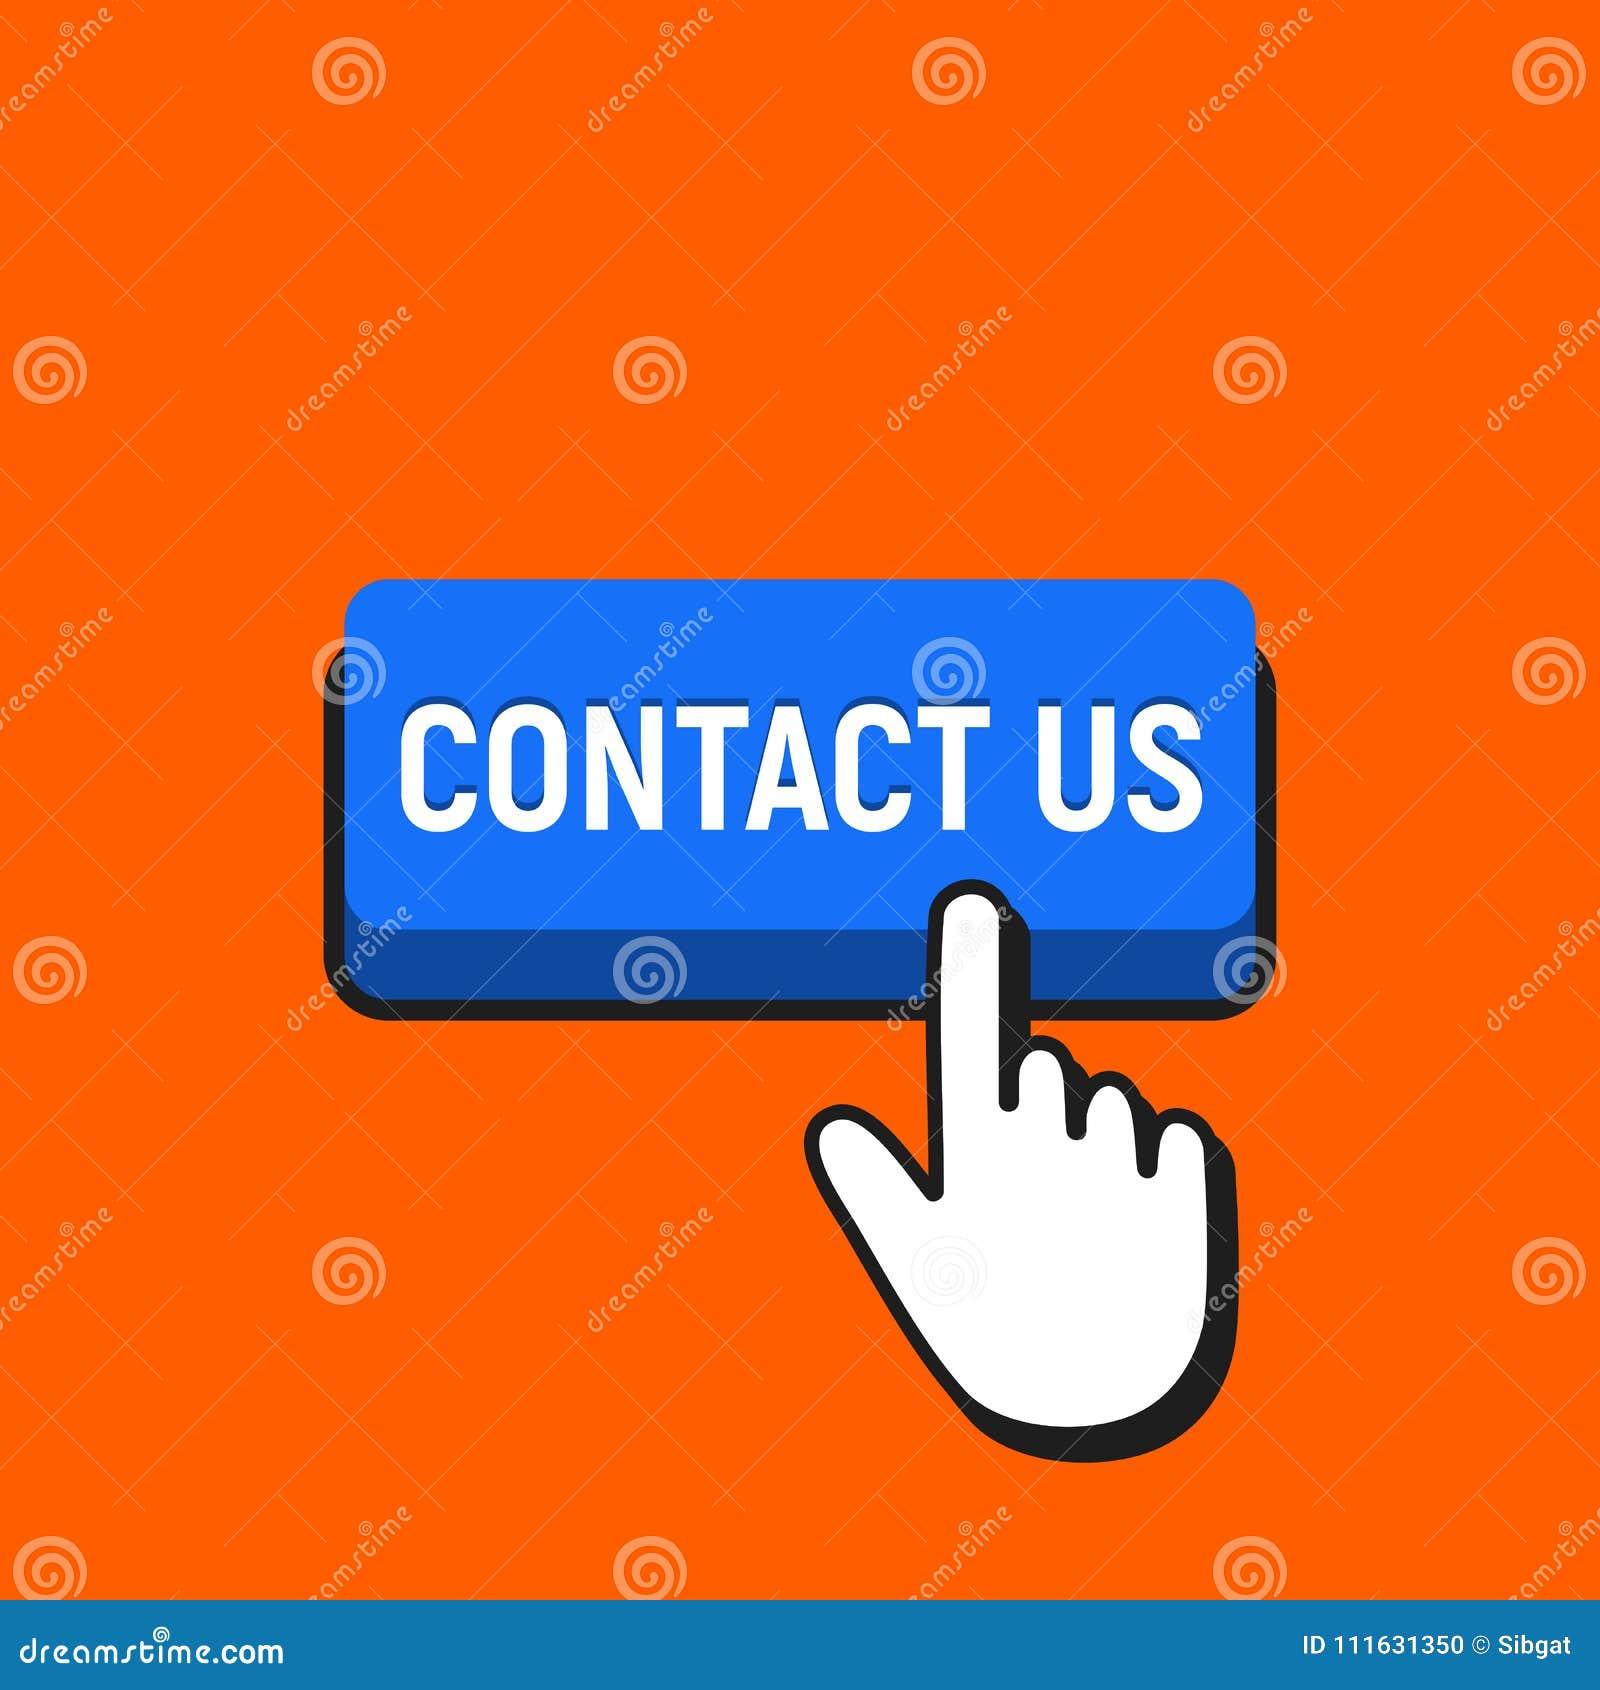 Hand mouse cursor clicks the contact us button stock vector hand mouse cursor clicks the contact us button maxwellsz